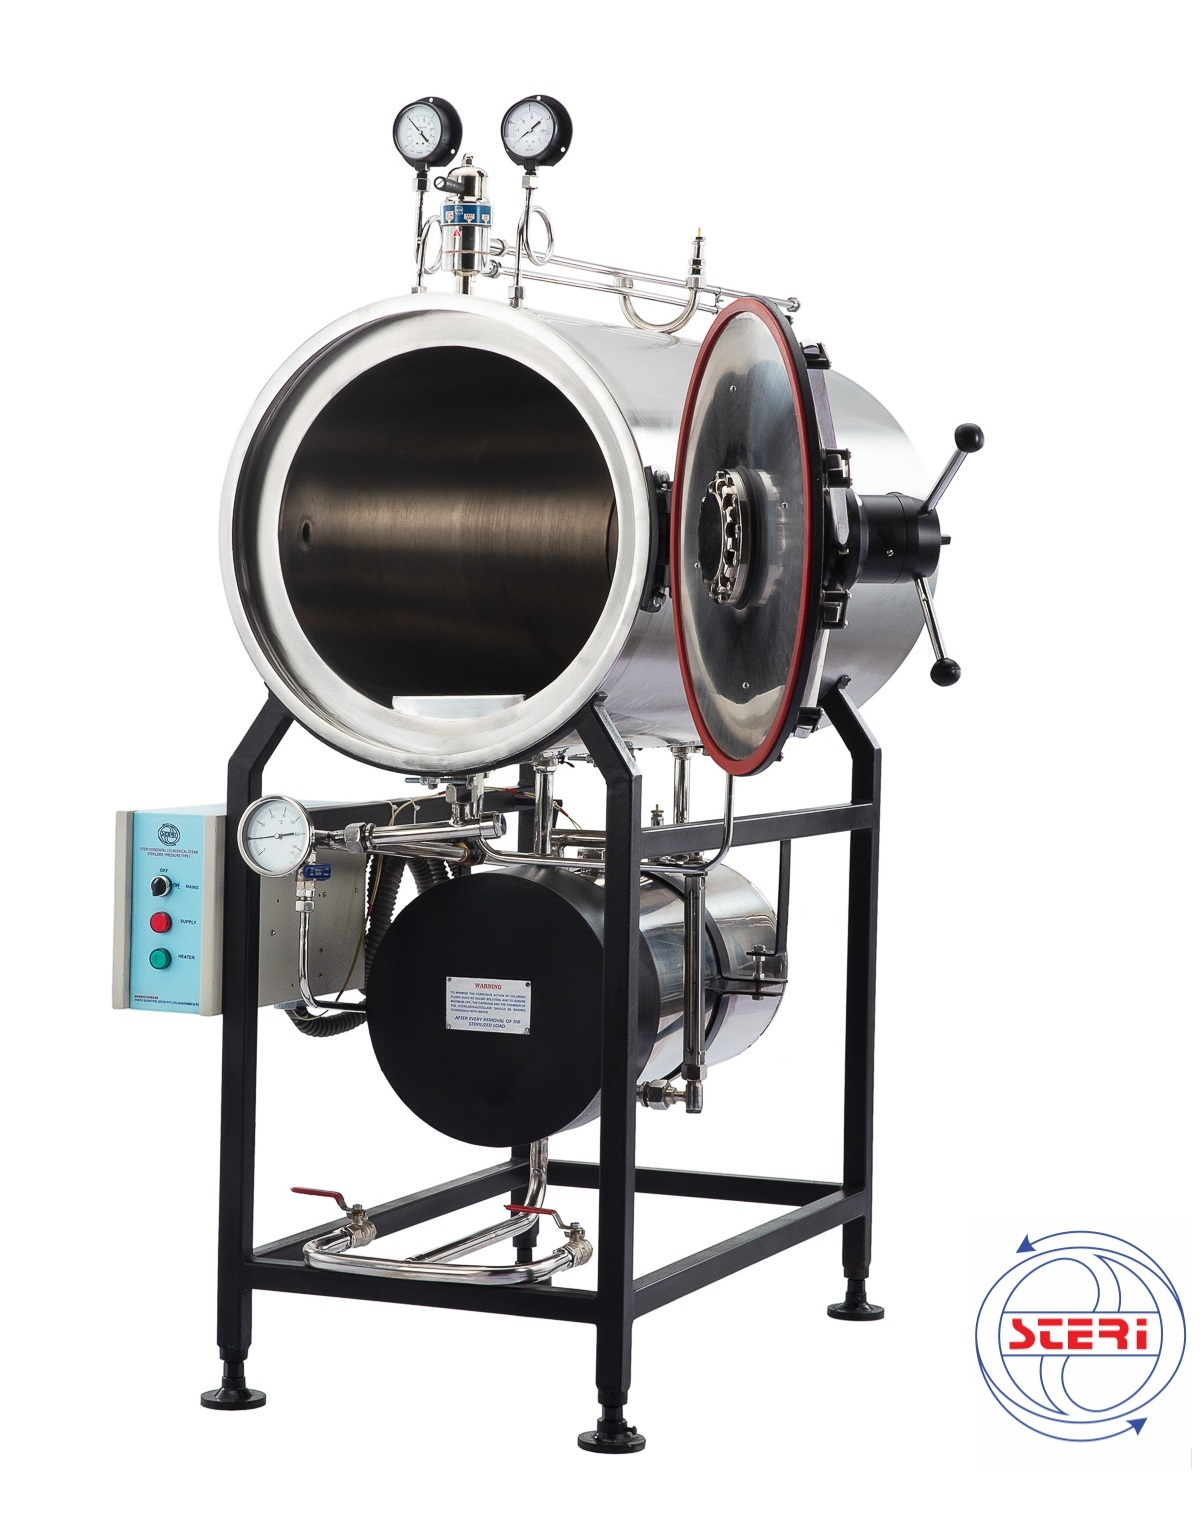 Steri Steam Horizontal Sterilizer